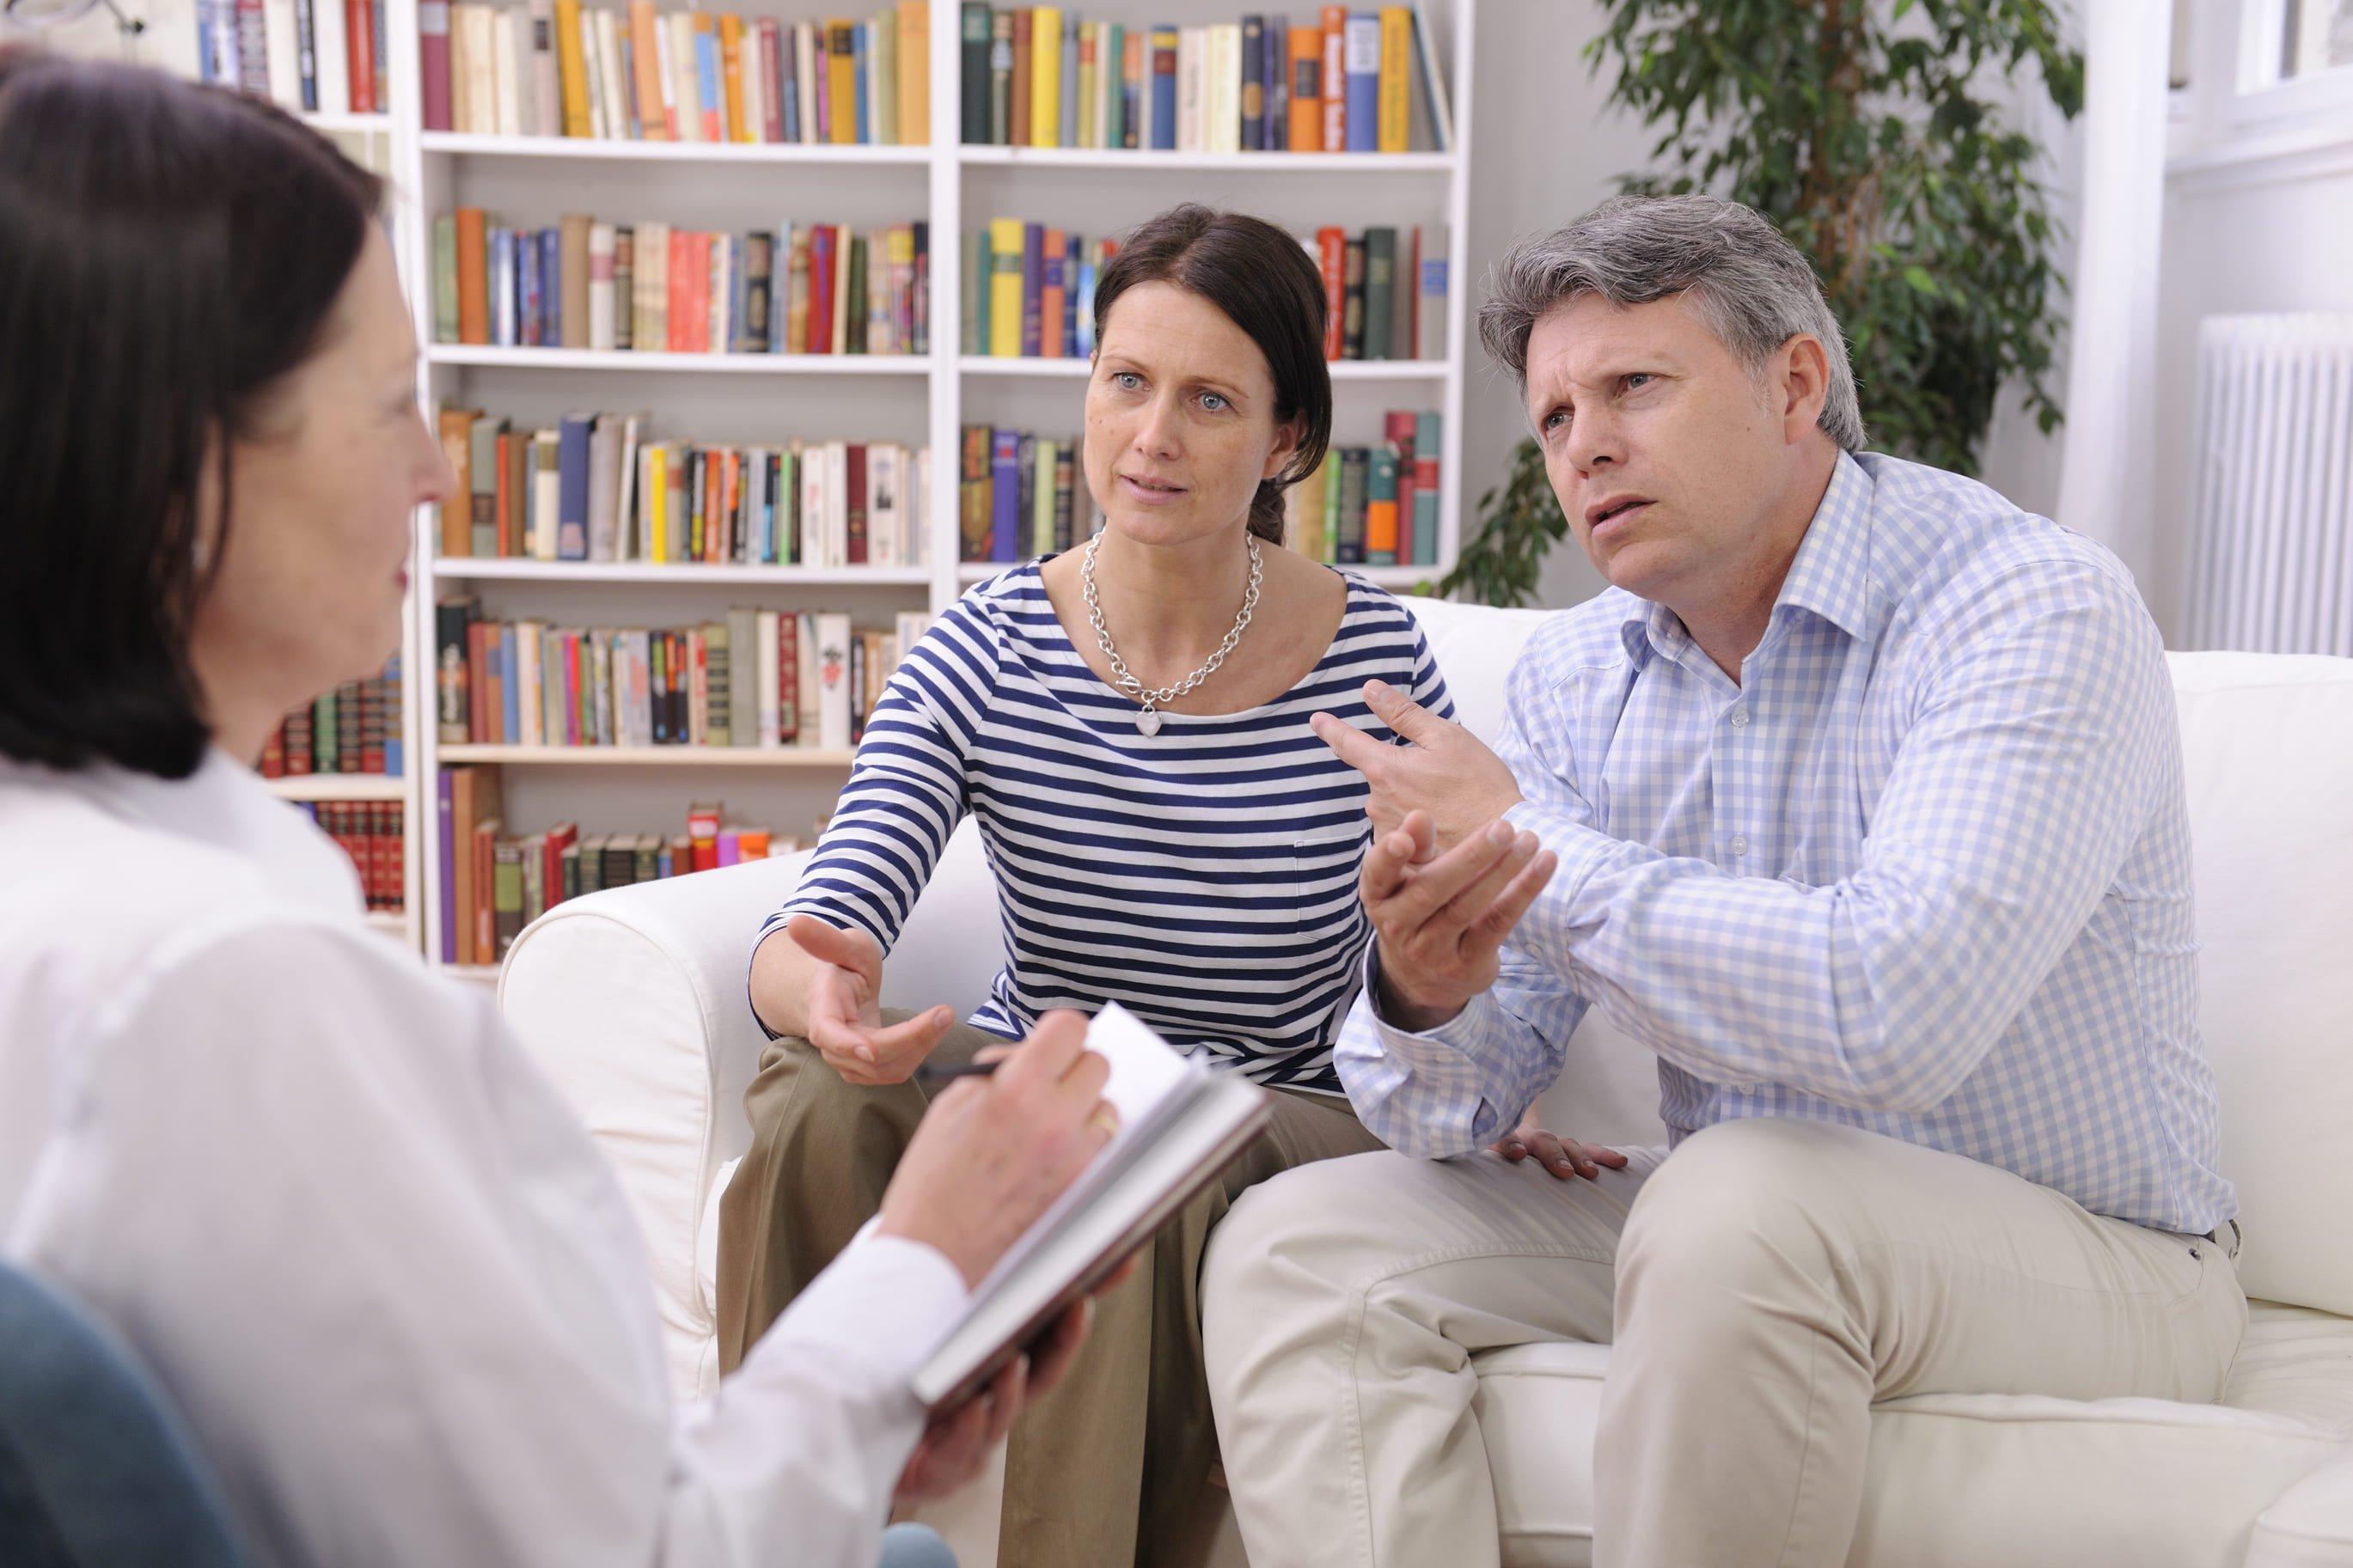 Судебно психолого-педагогическая экспертиза родителя, с которым проживает ребенок